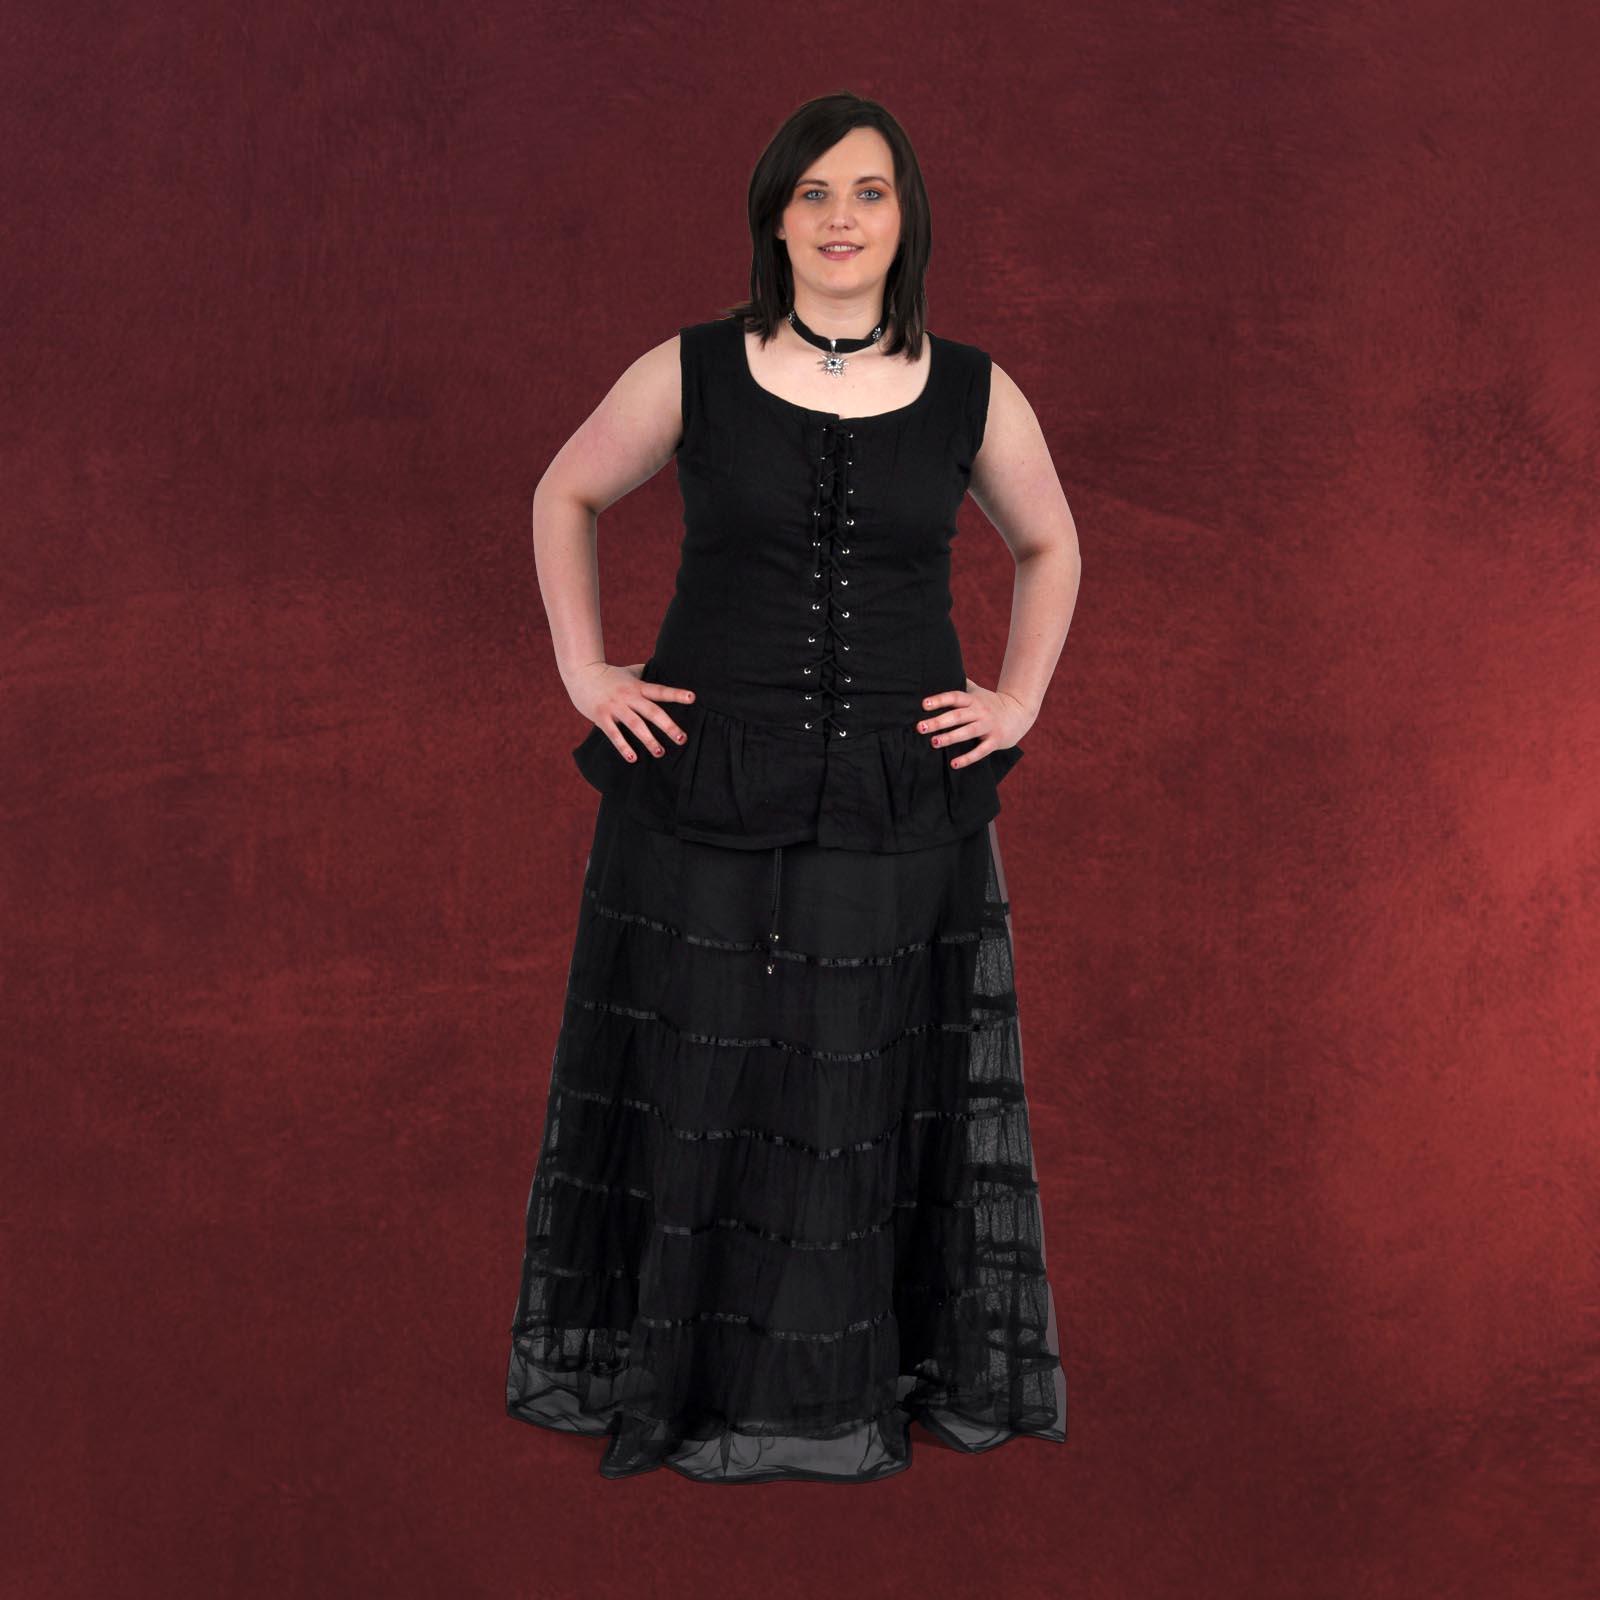 Chiffonrock schw m Satin Unterrock, schwarze Mode Gothic ...